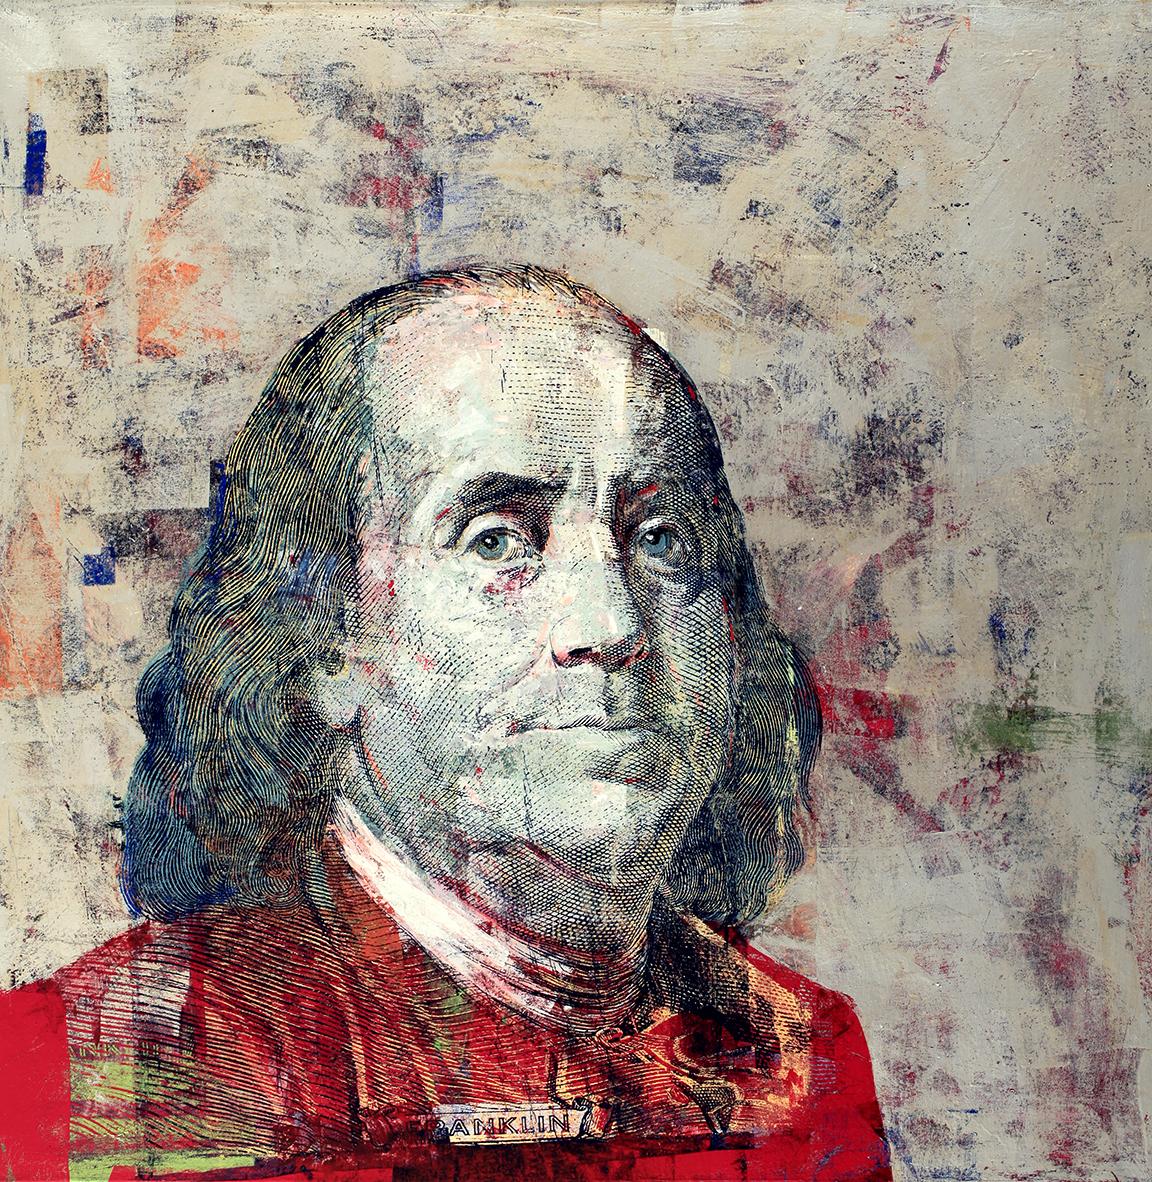 Ben Franklin 48 by 48 2016